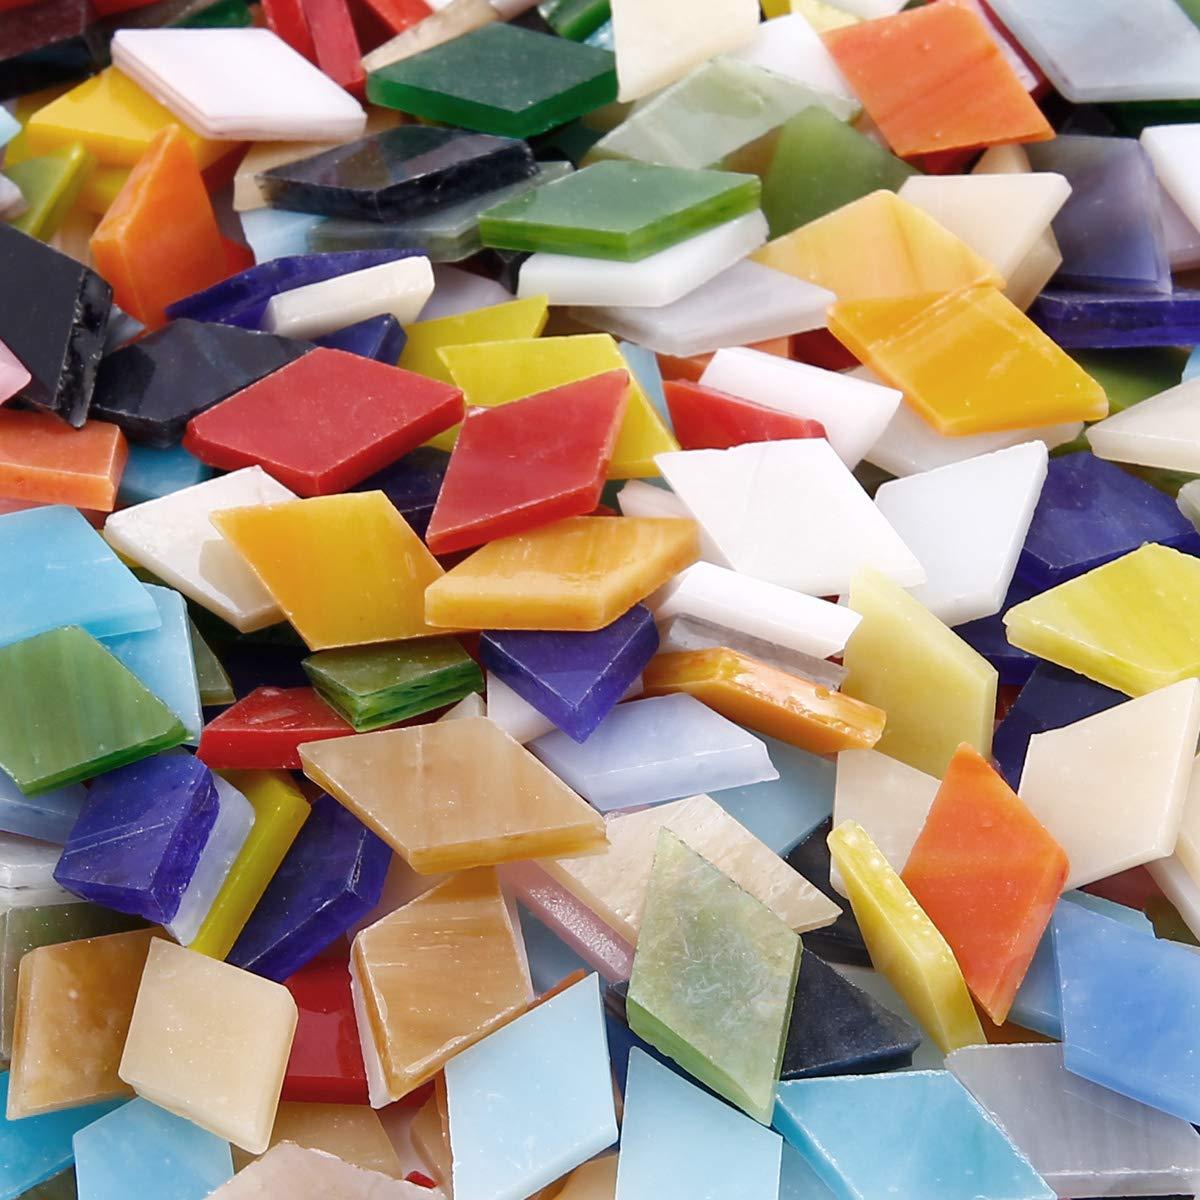 mit Aufbewahrungsbox 350 St Anladia 14mm Dreieck Mosaiksteine Mosaikfliesen Mosaik Bunt gemischt Basteln DIY Deko ca